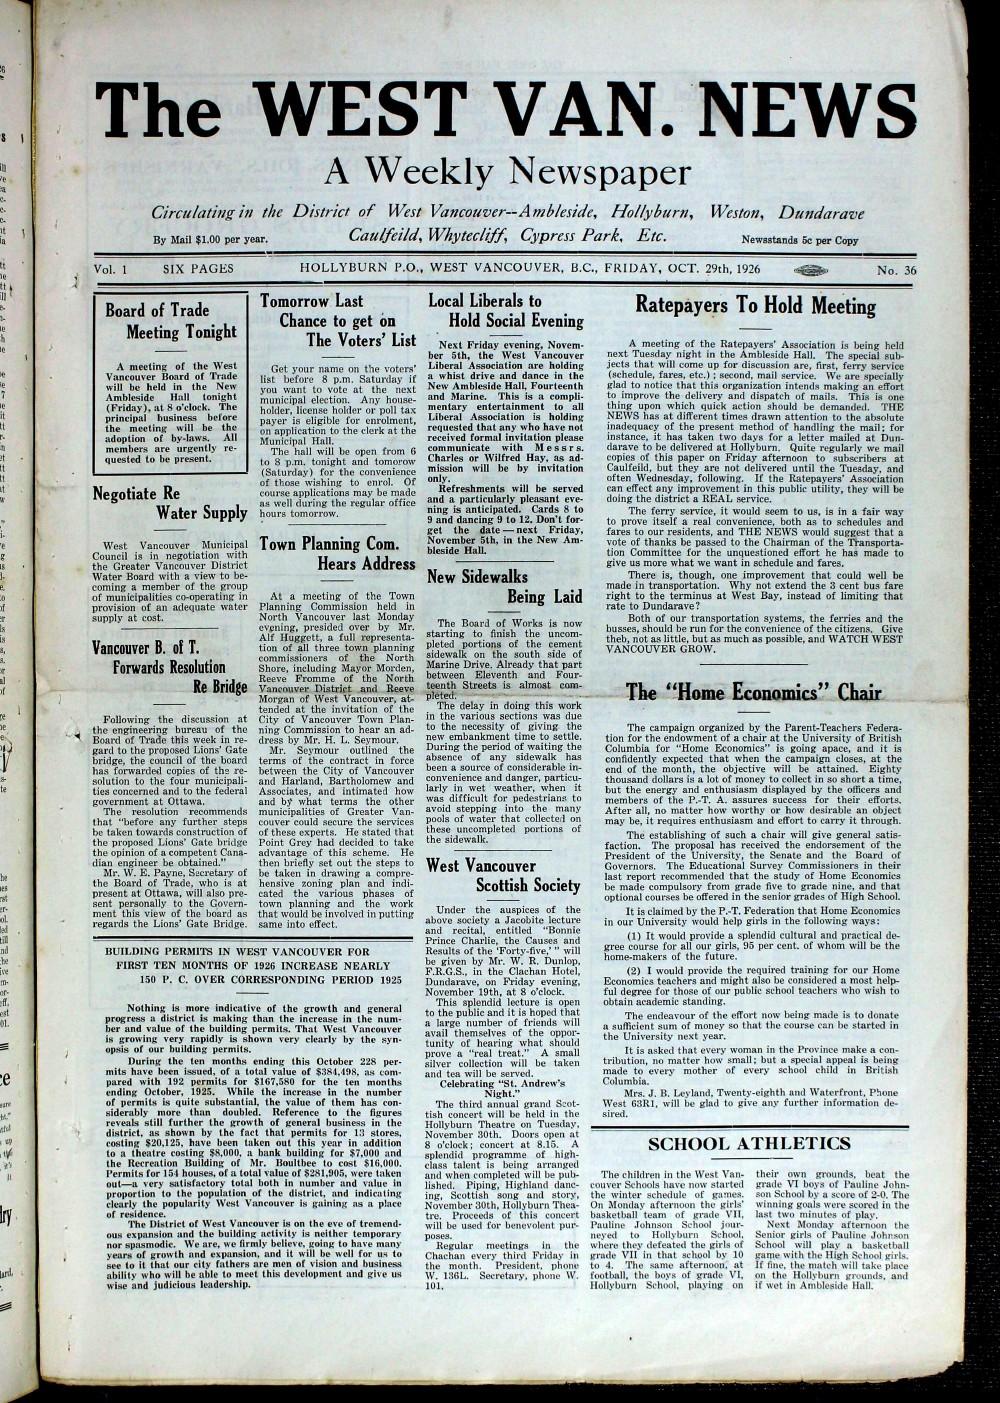 West Van. News (West Vancouver), 29 Oct 1926